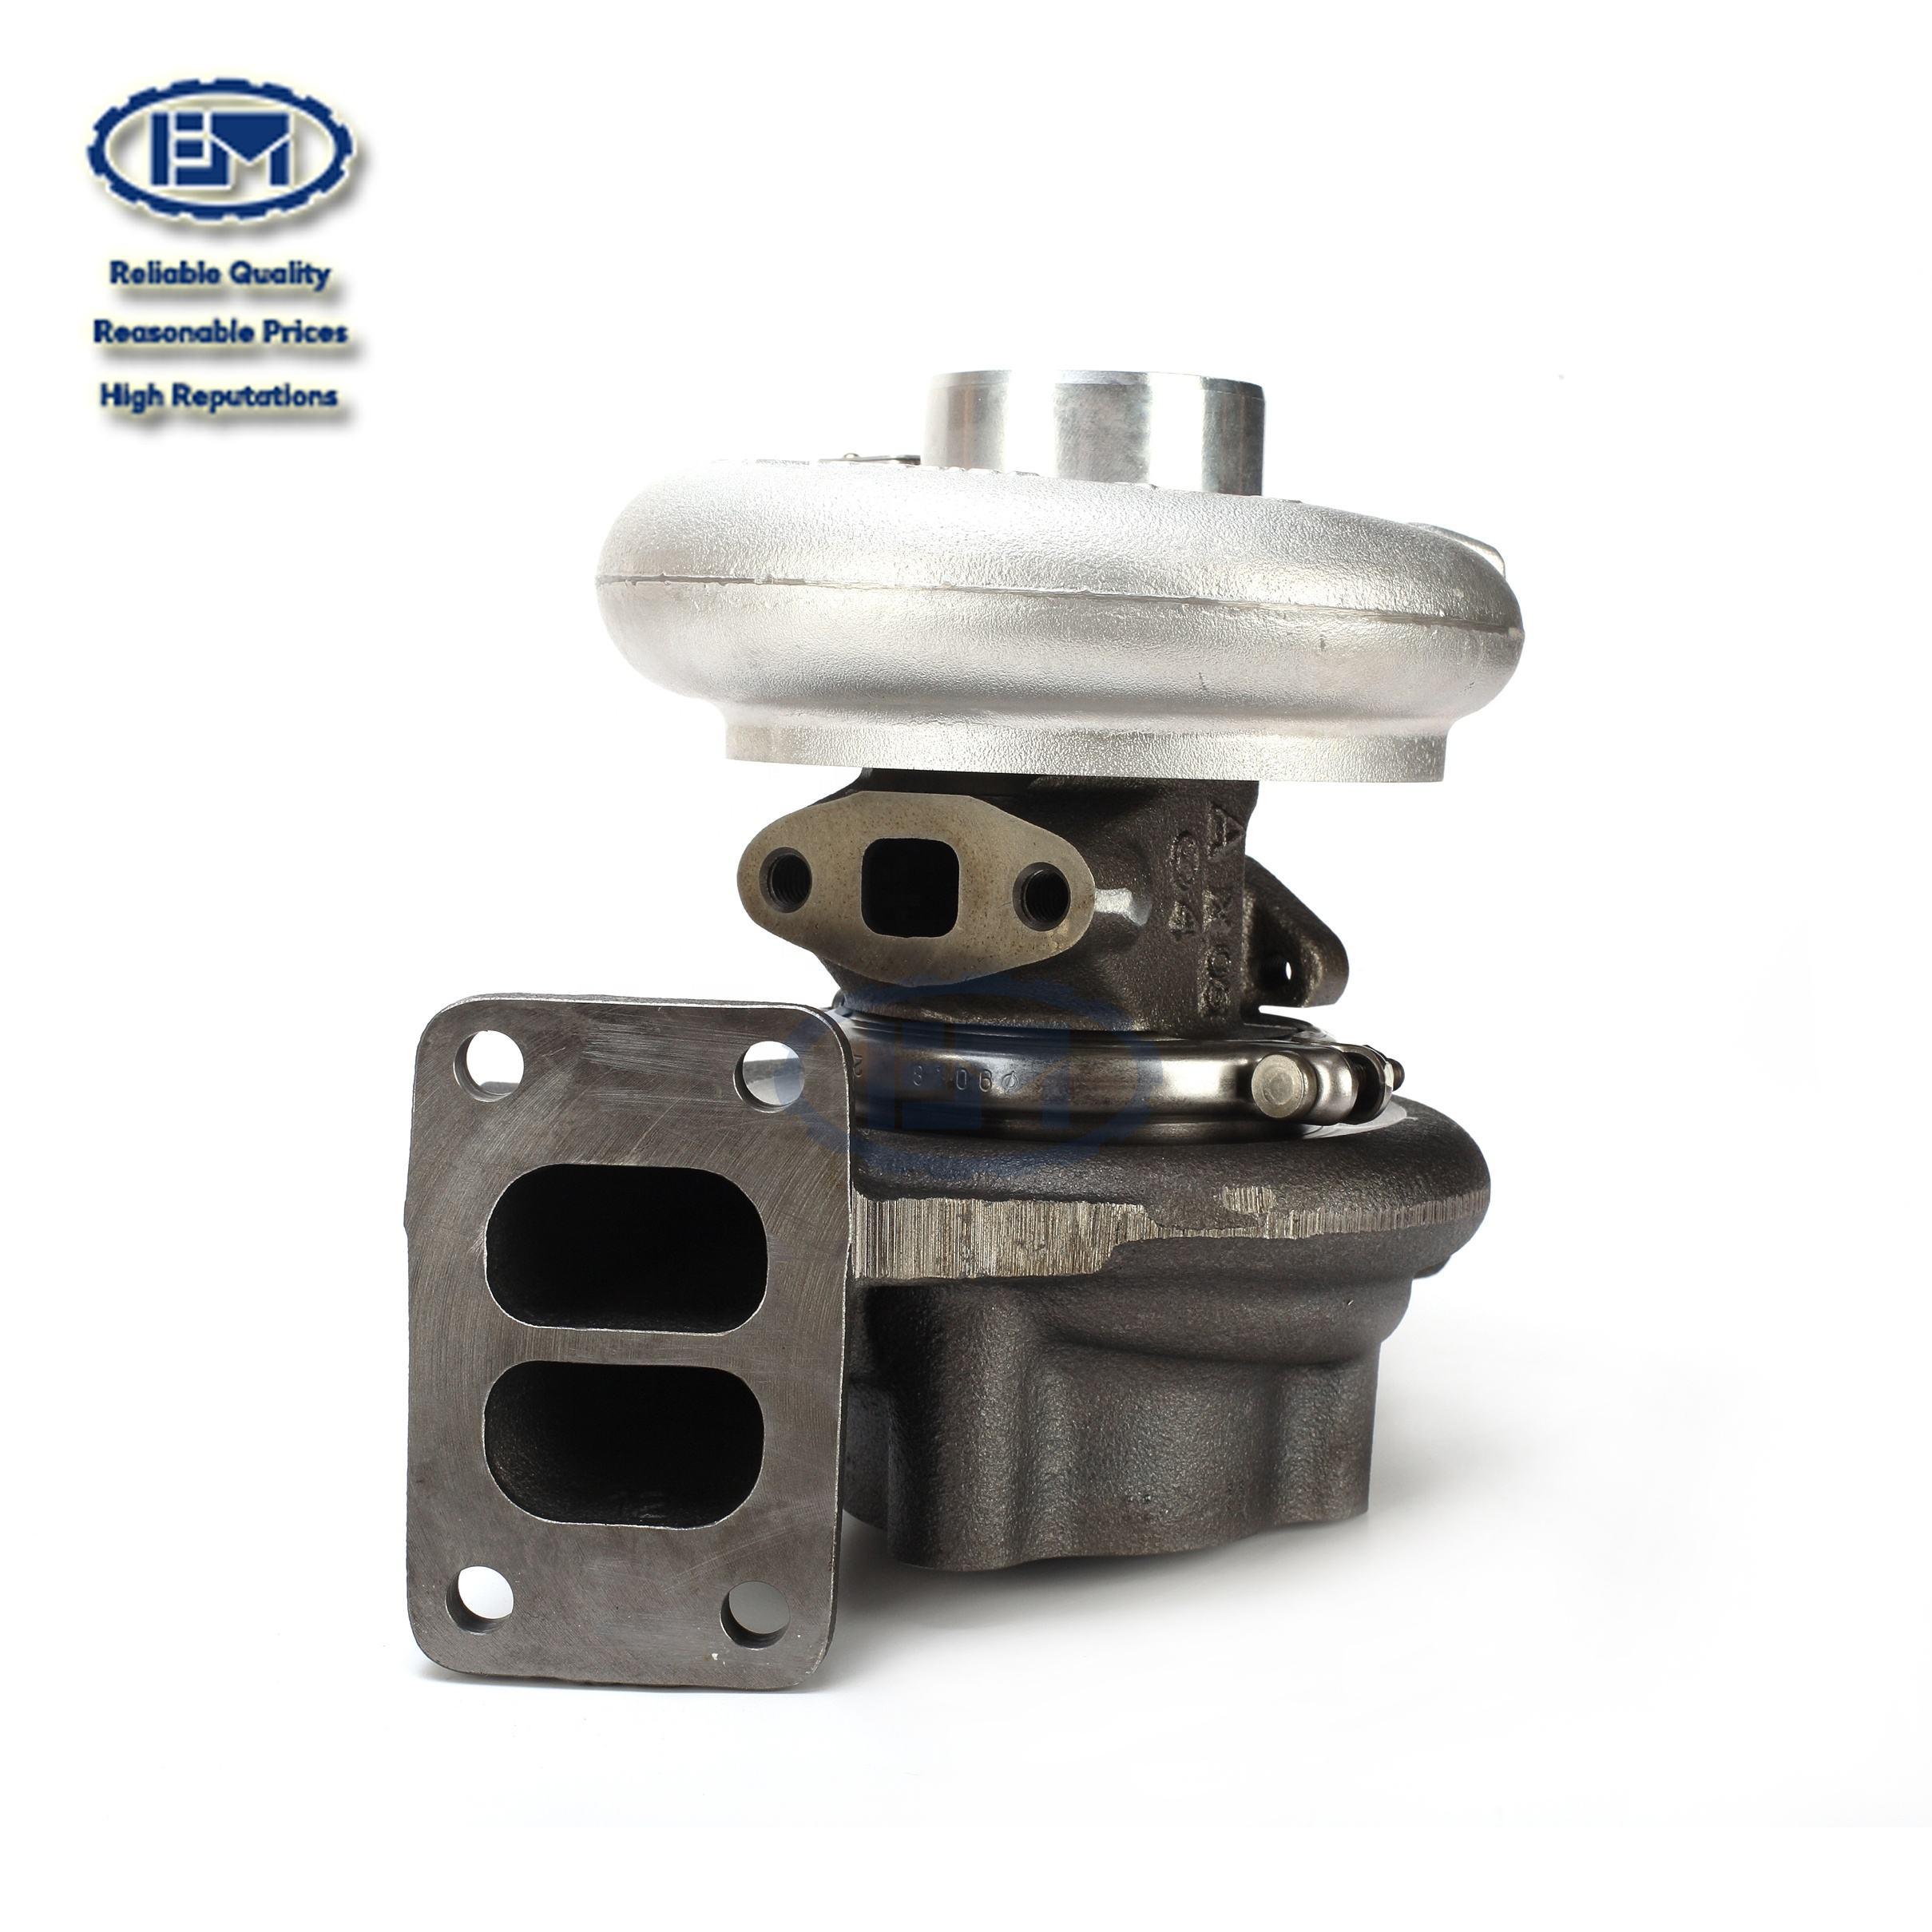 TE06H-16M 49185-01041 ME440836  Turbocharger FITS FOR MITSUBISHI 6D34 SK235SR-1E